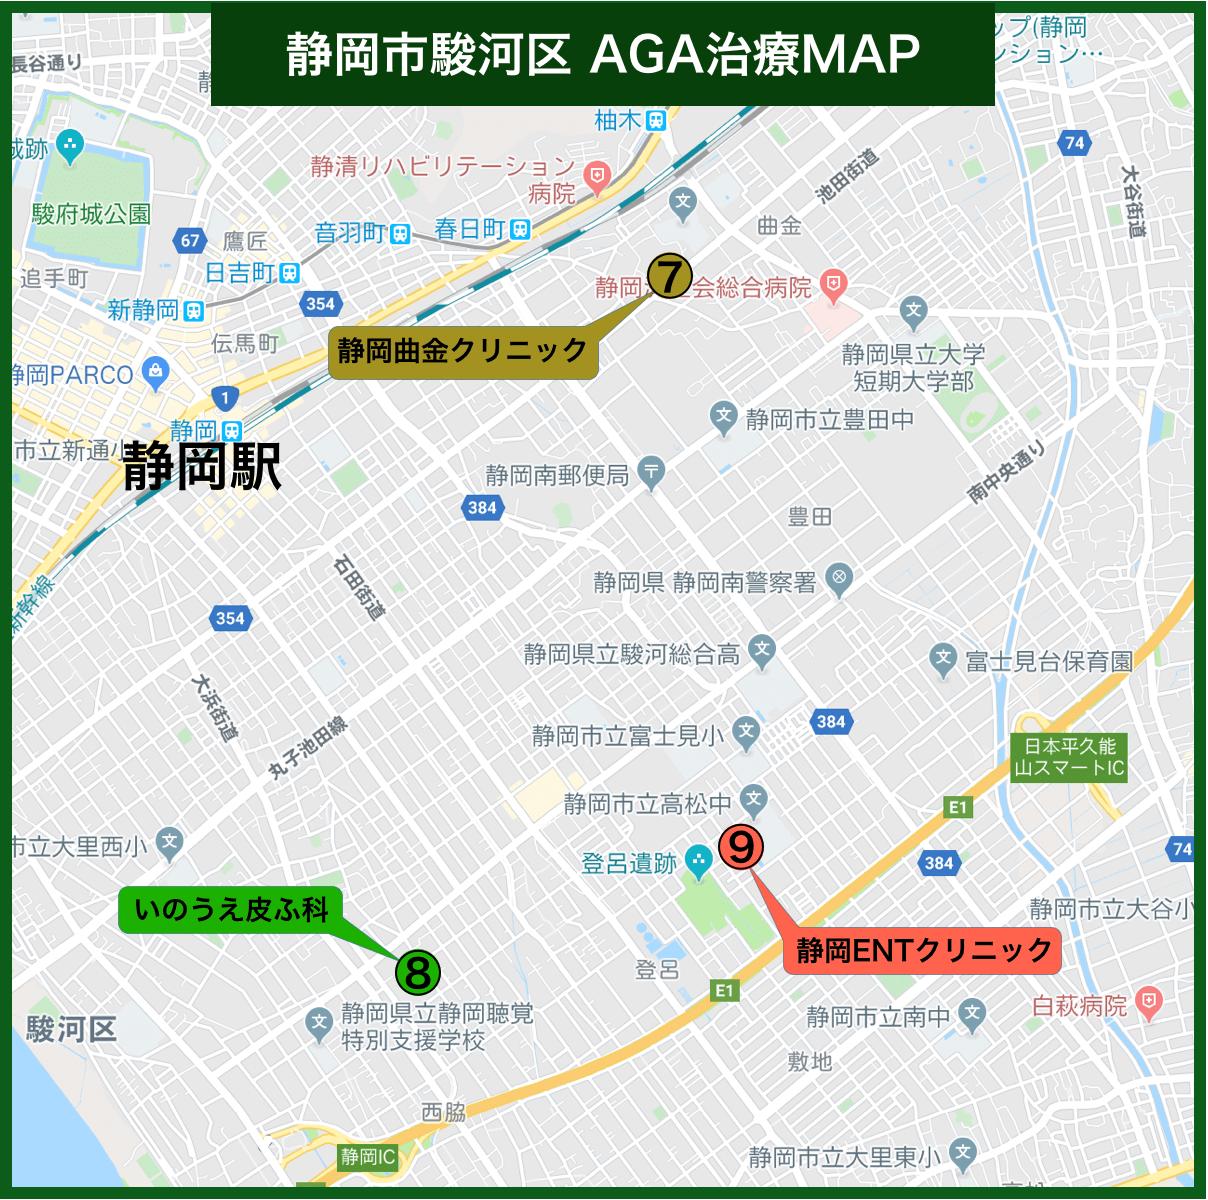 静岡市駿河区 AGA治療MAP